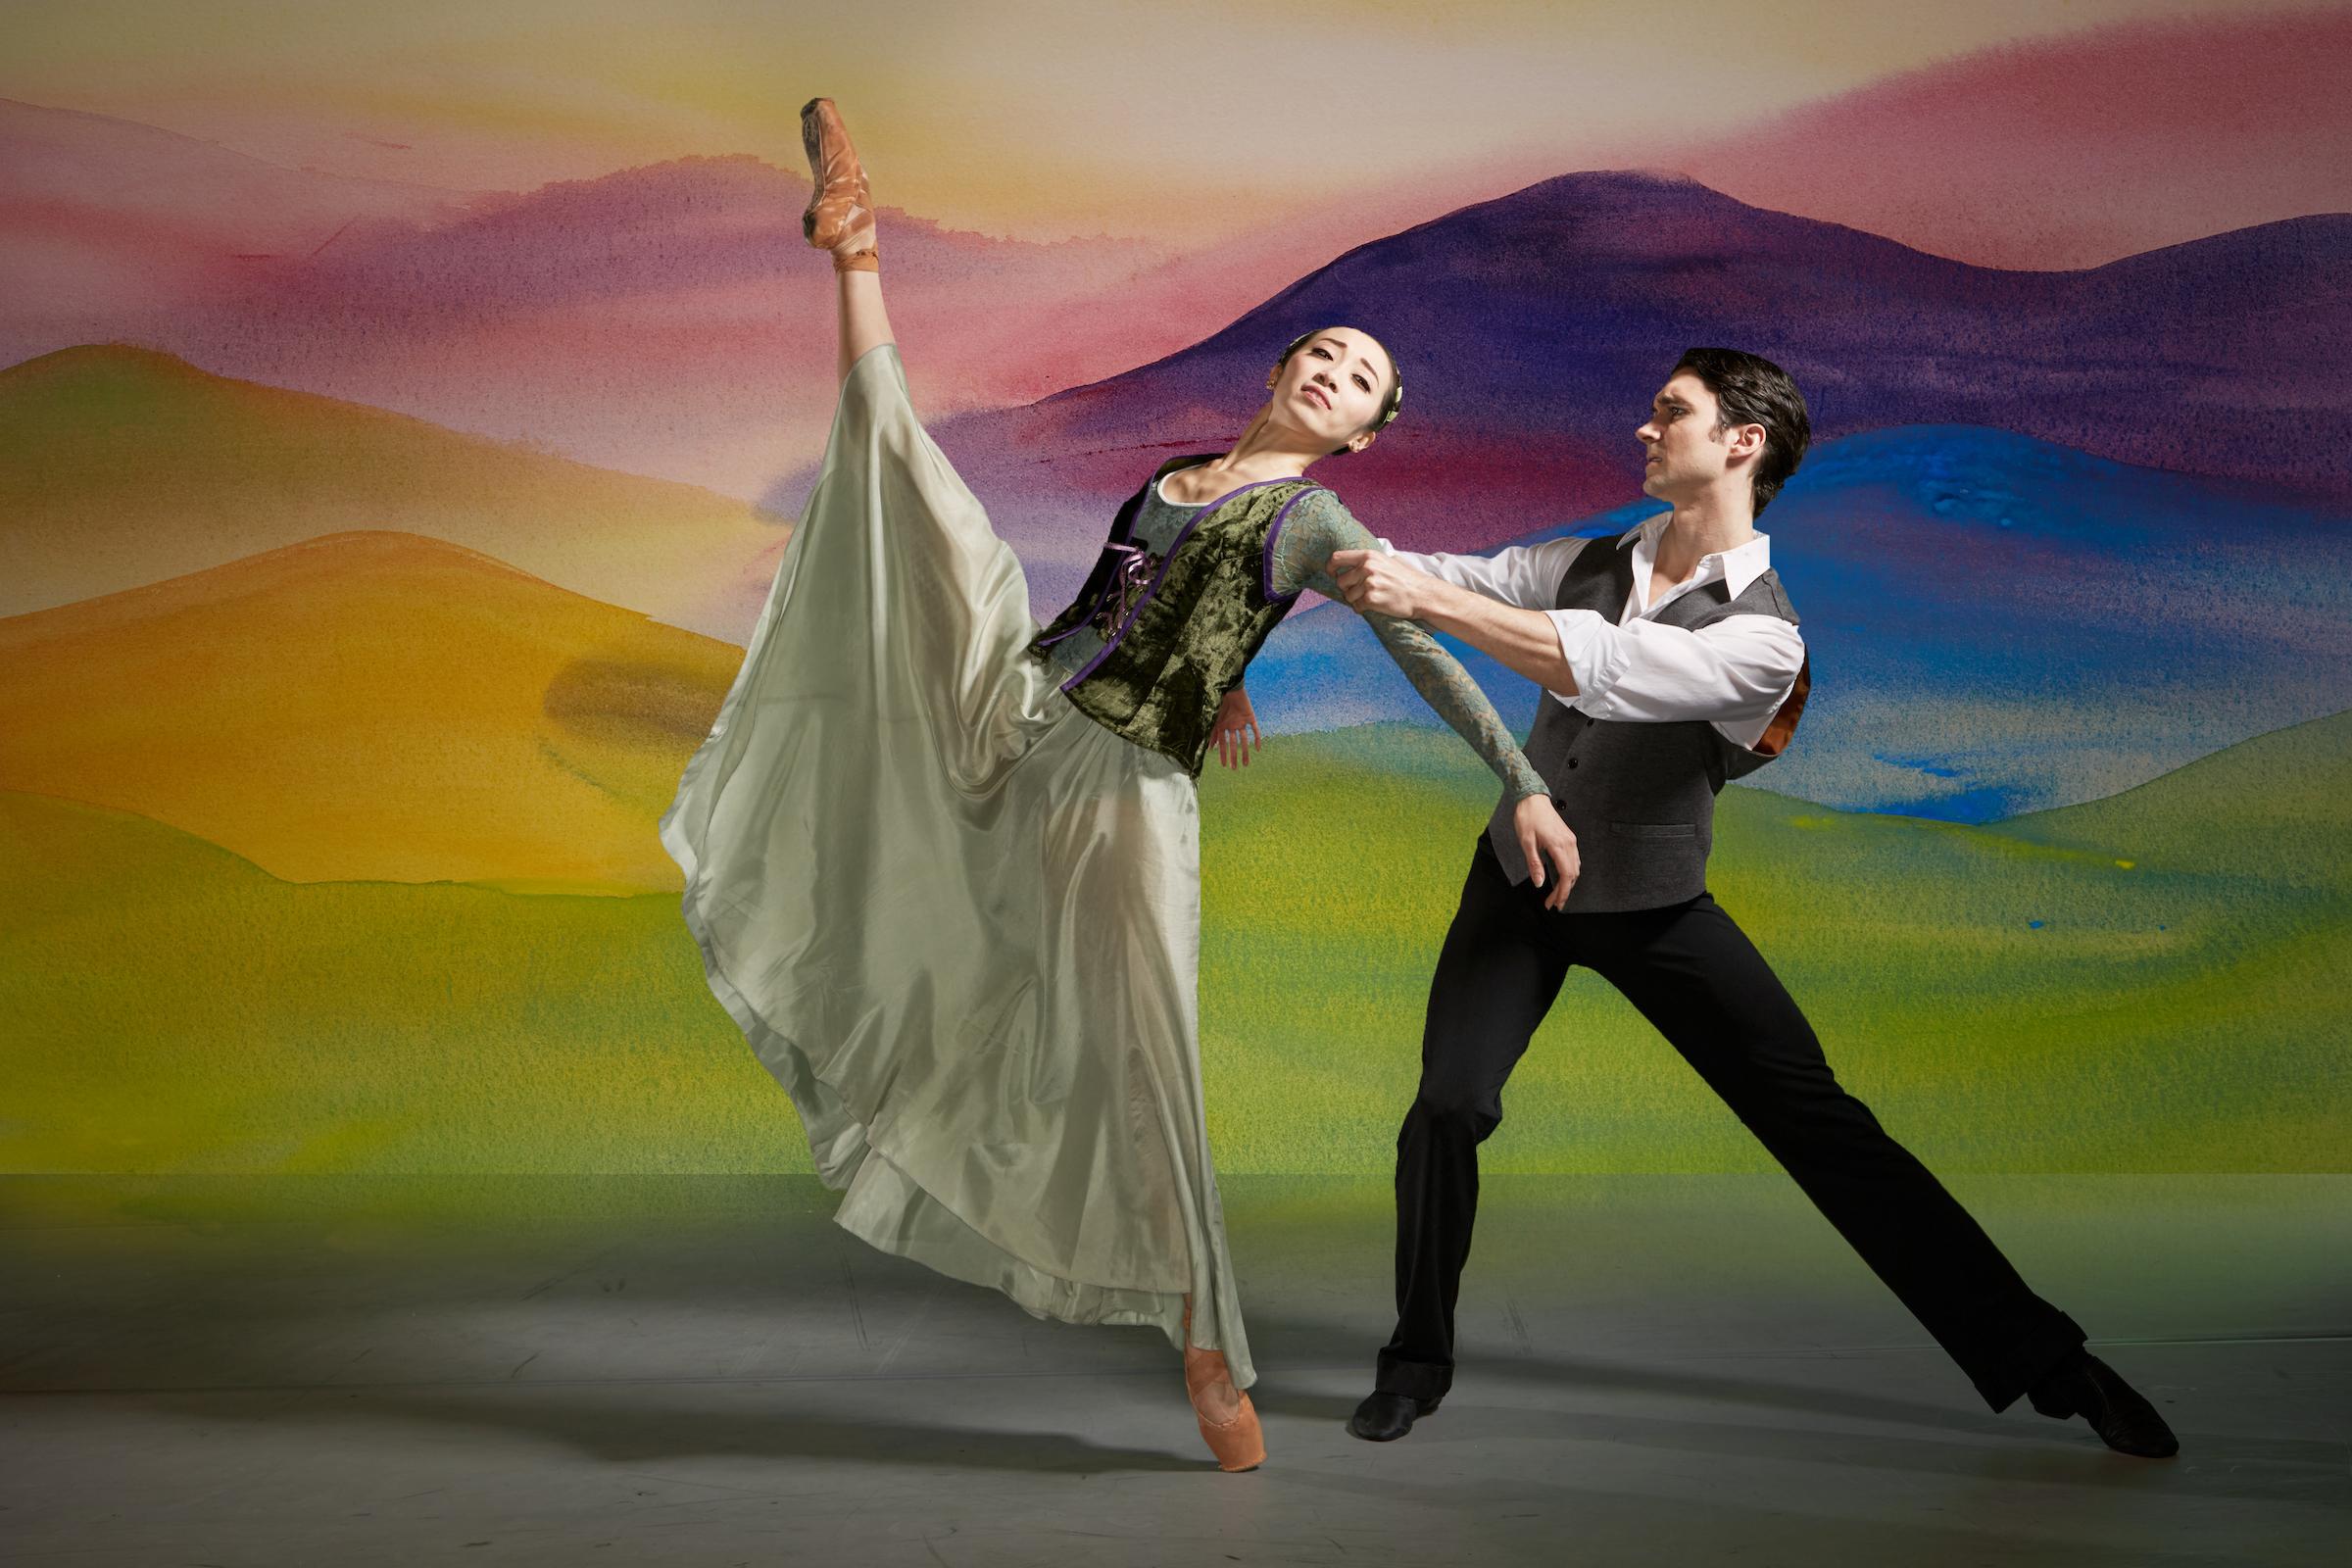 20170102-eugene_ballet_17season-299 (1)